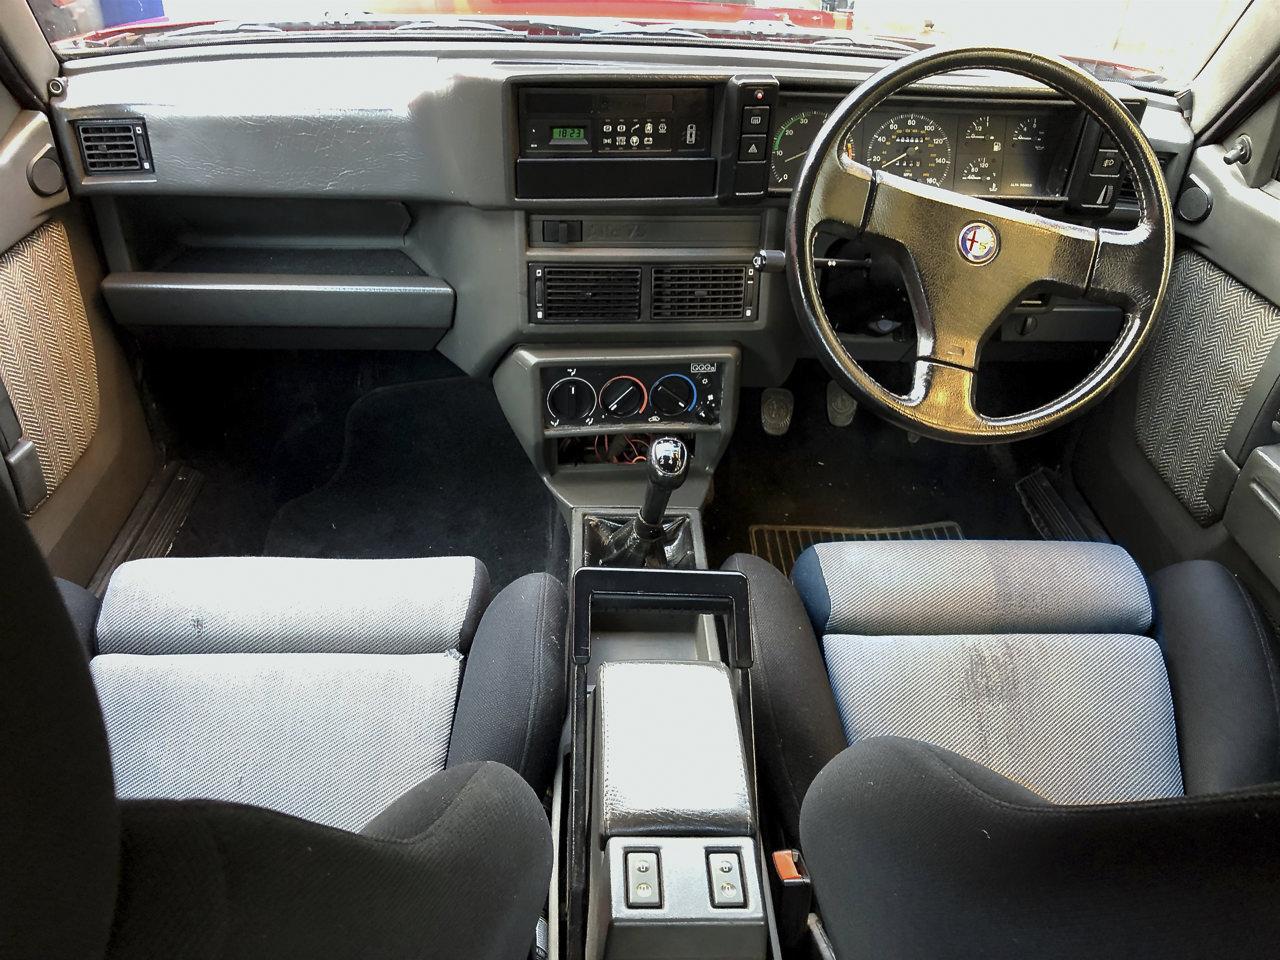 1991 75 3.0L V6 Cloverleaf For Sale (picture 6 of 6)